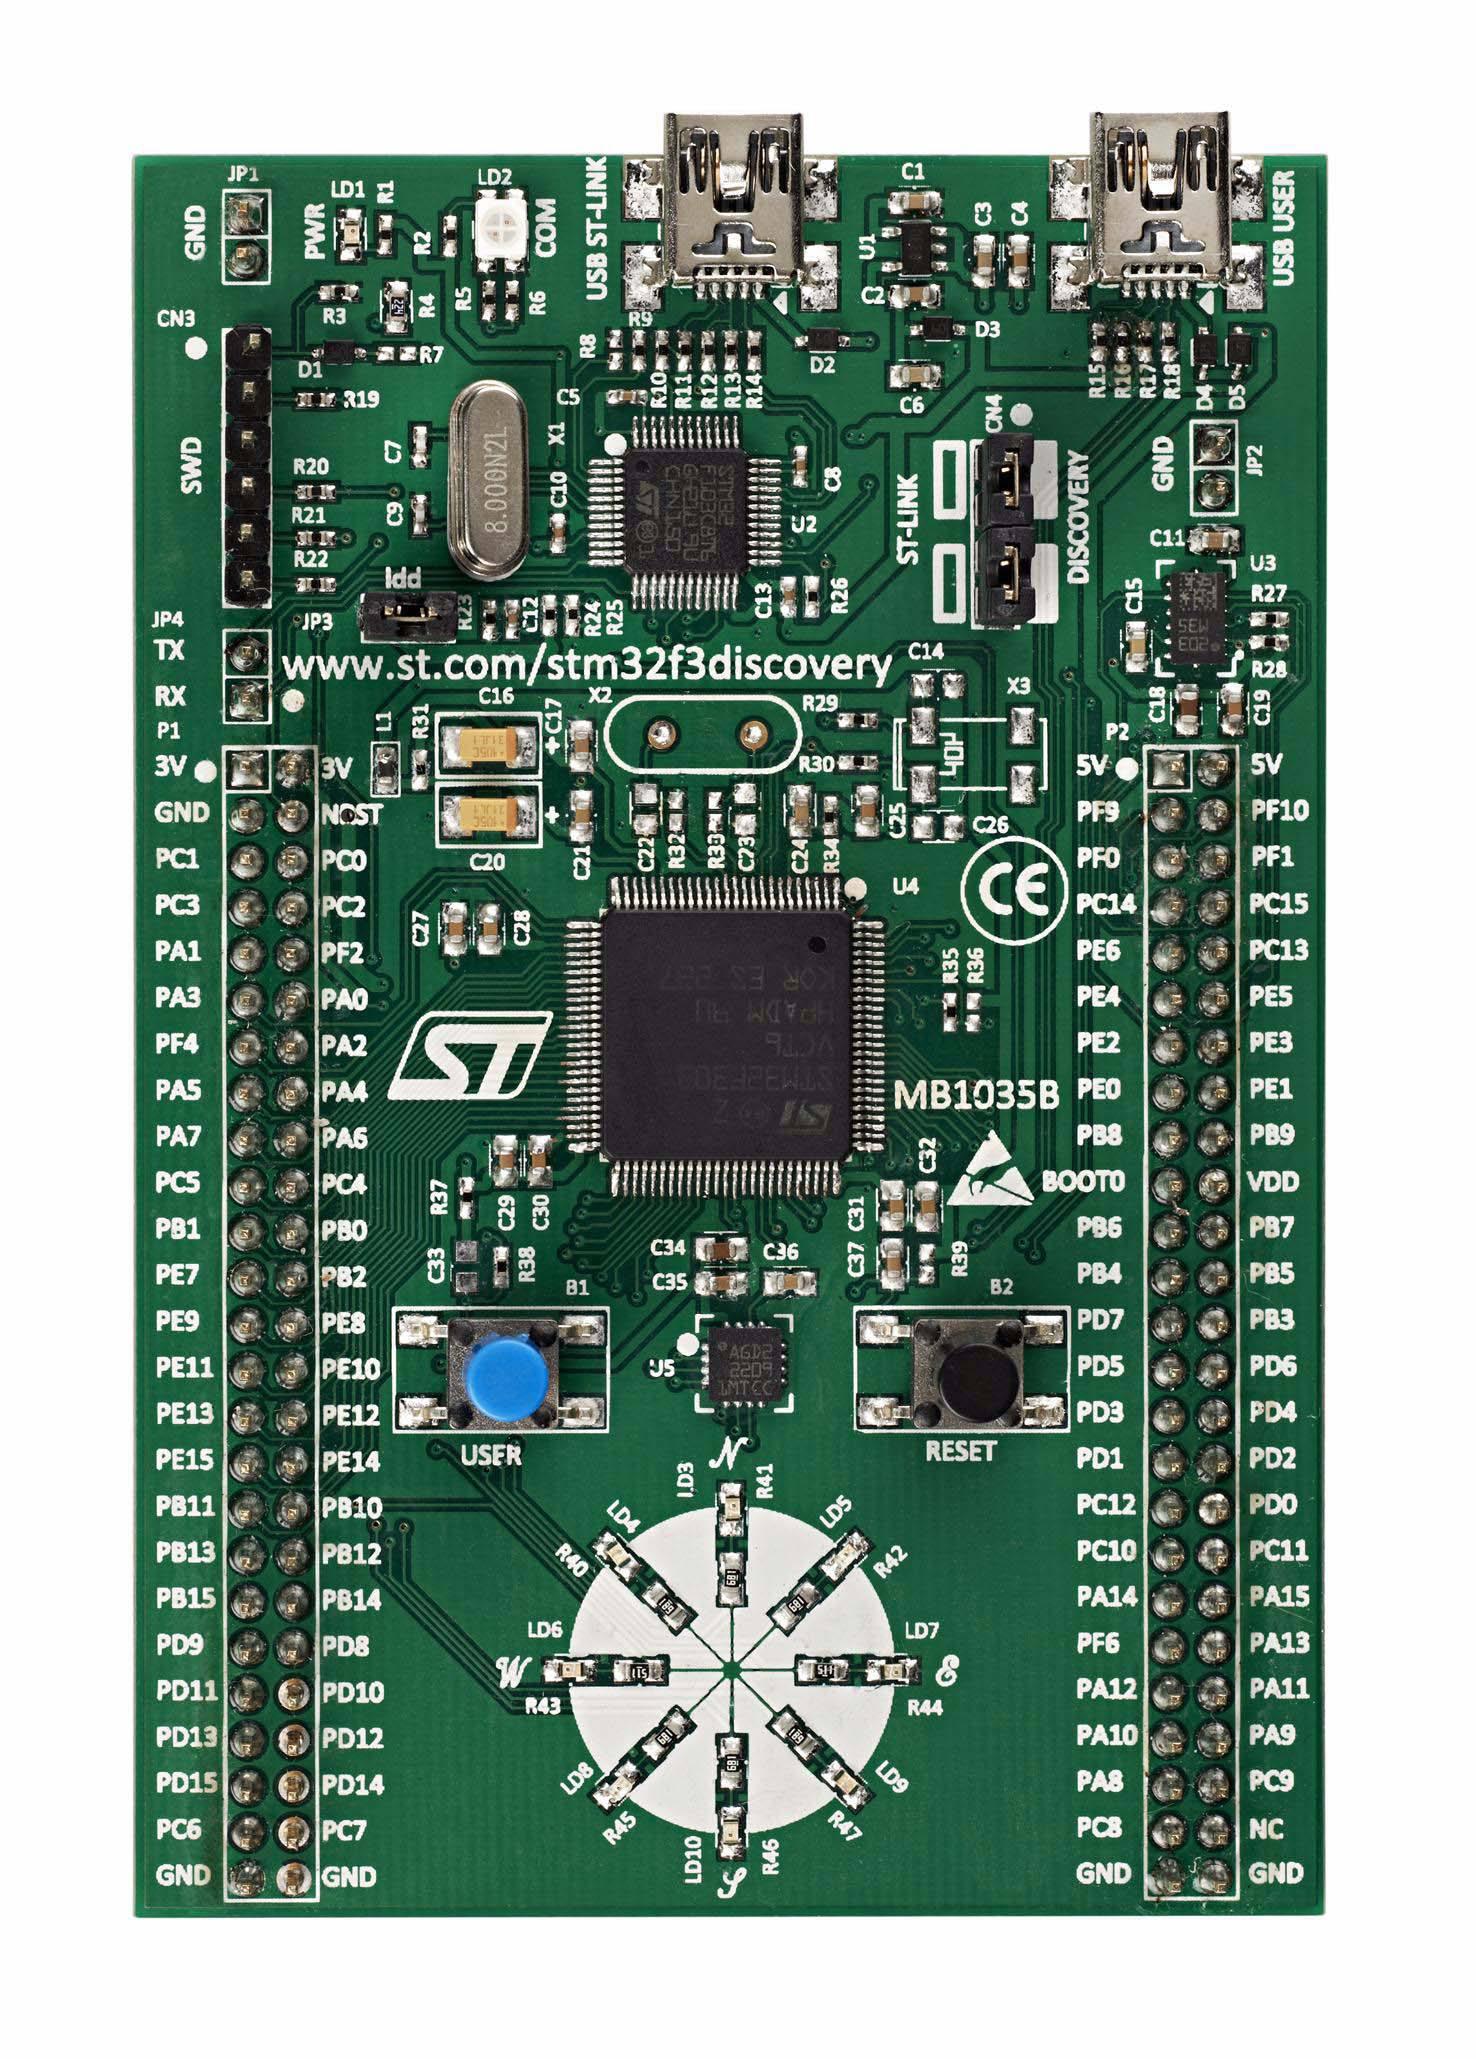 Подключаем авиамодельный пульт к компьютеру с помощью STM32 CubeMX, или PPM-to-USB адаптер на STM32F3-Discovery - 4